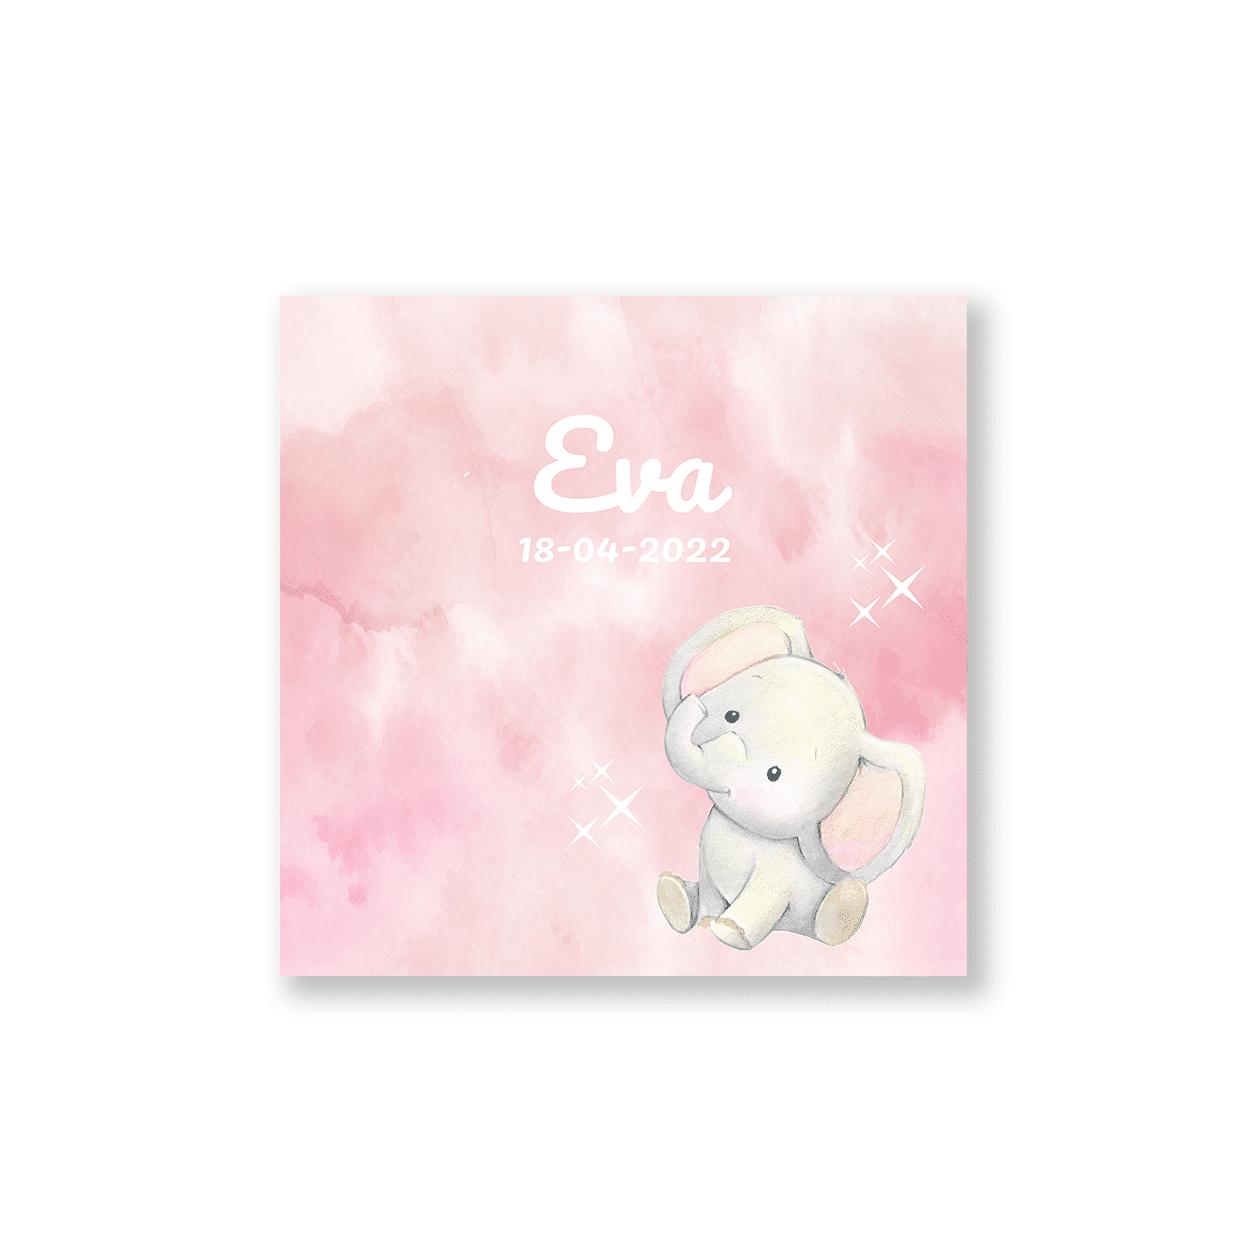 Hip geboortekaartje roze waterverf met olifantje voorzijde